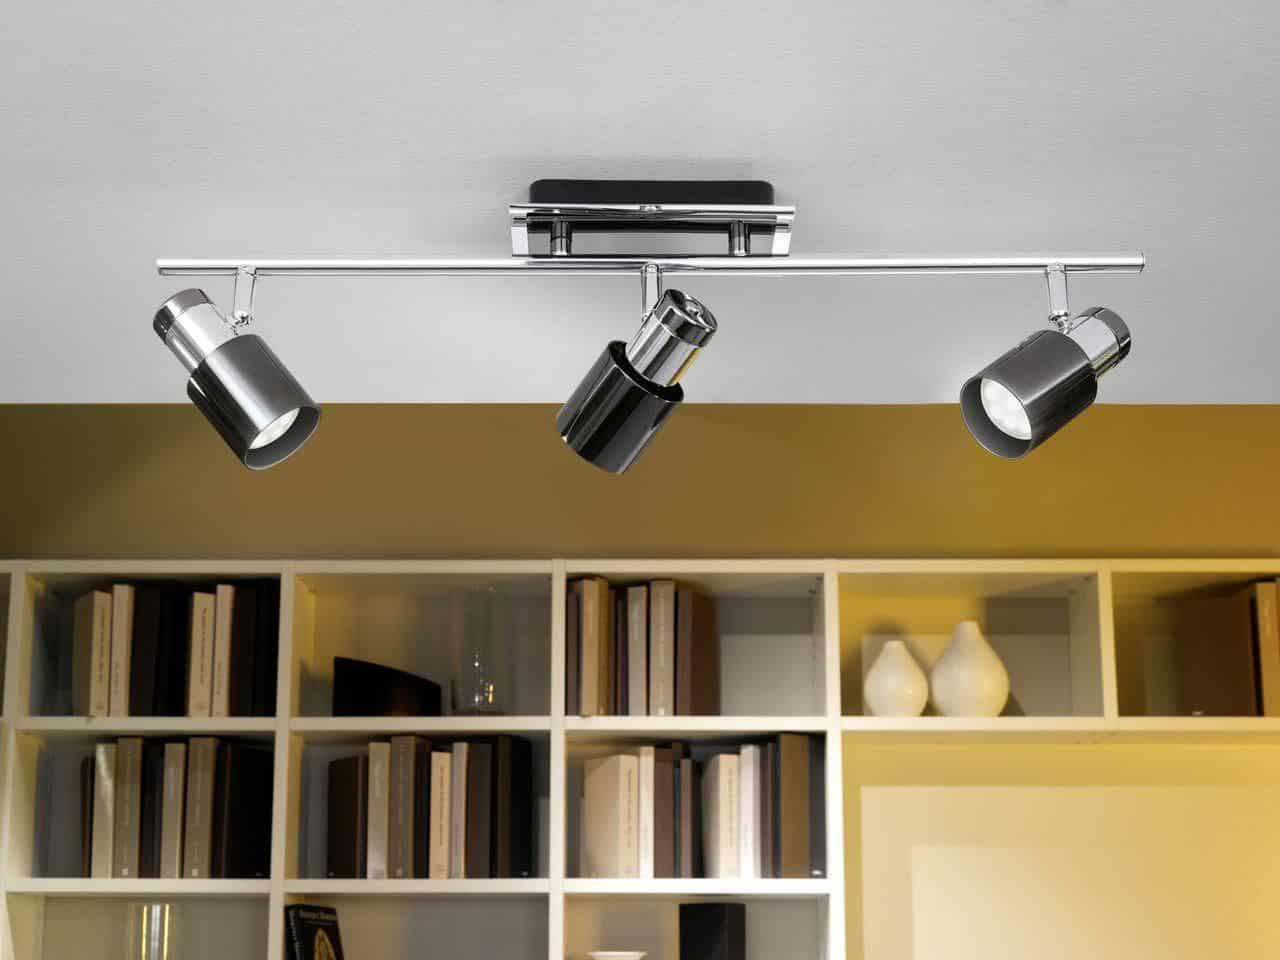 Правила размещения светильников | Расположение светильников на натяжном потолке